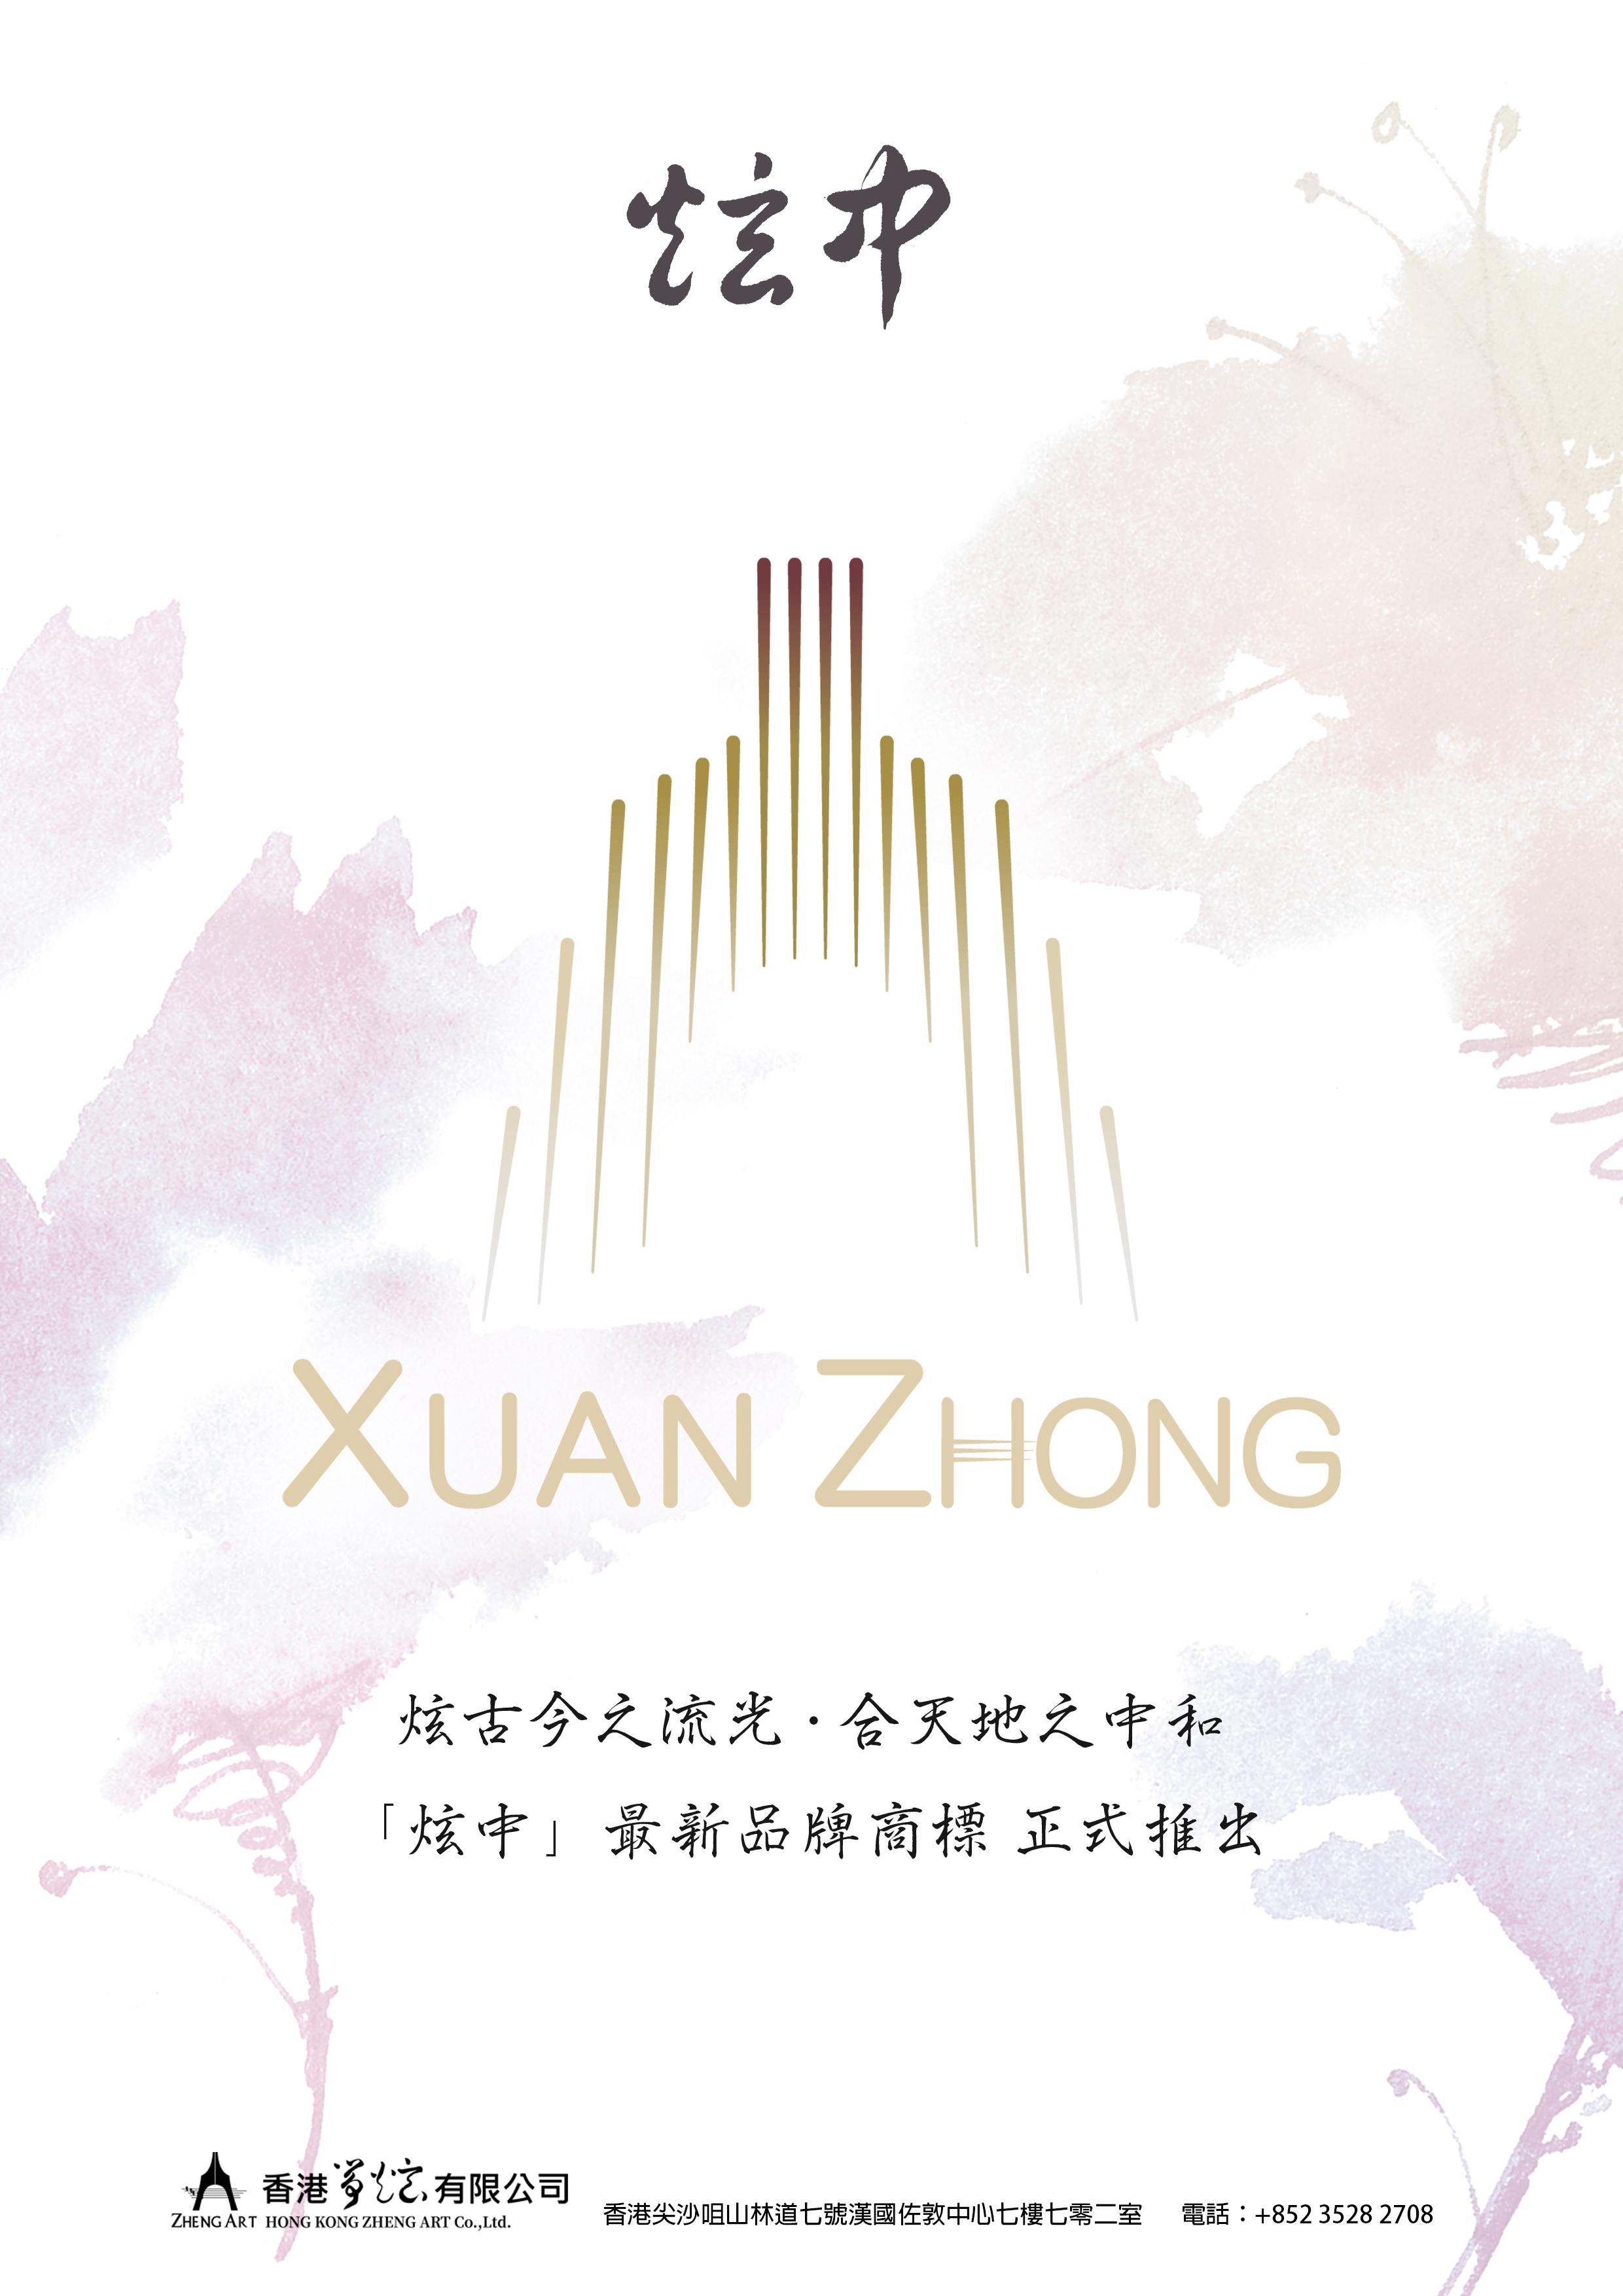 「炫中」最新商標設計正式發佈